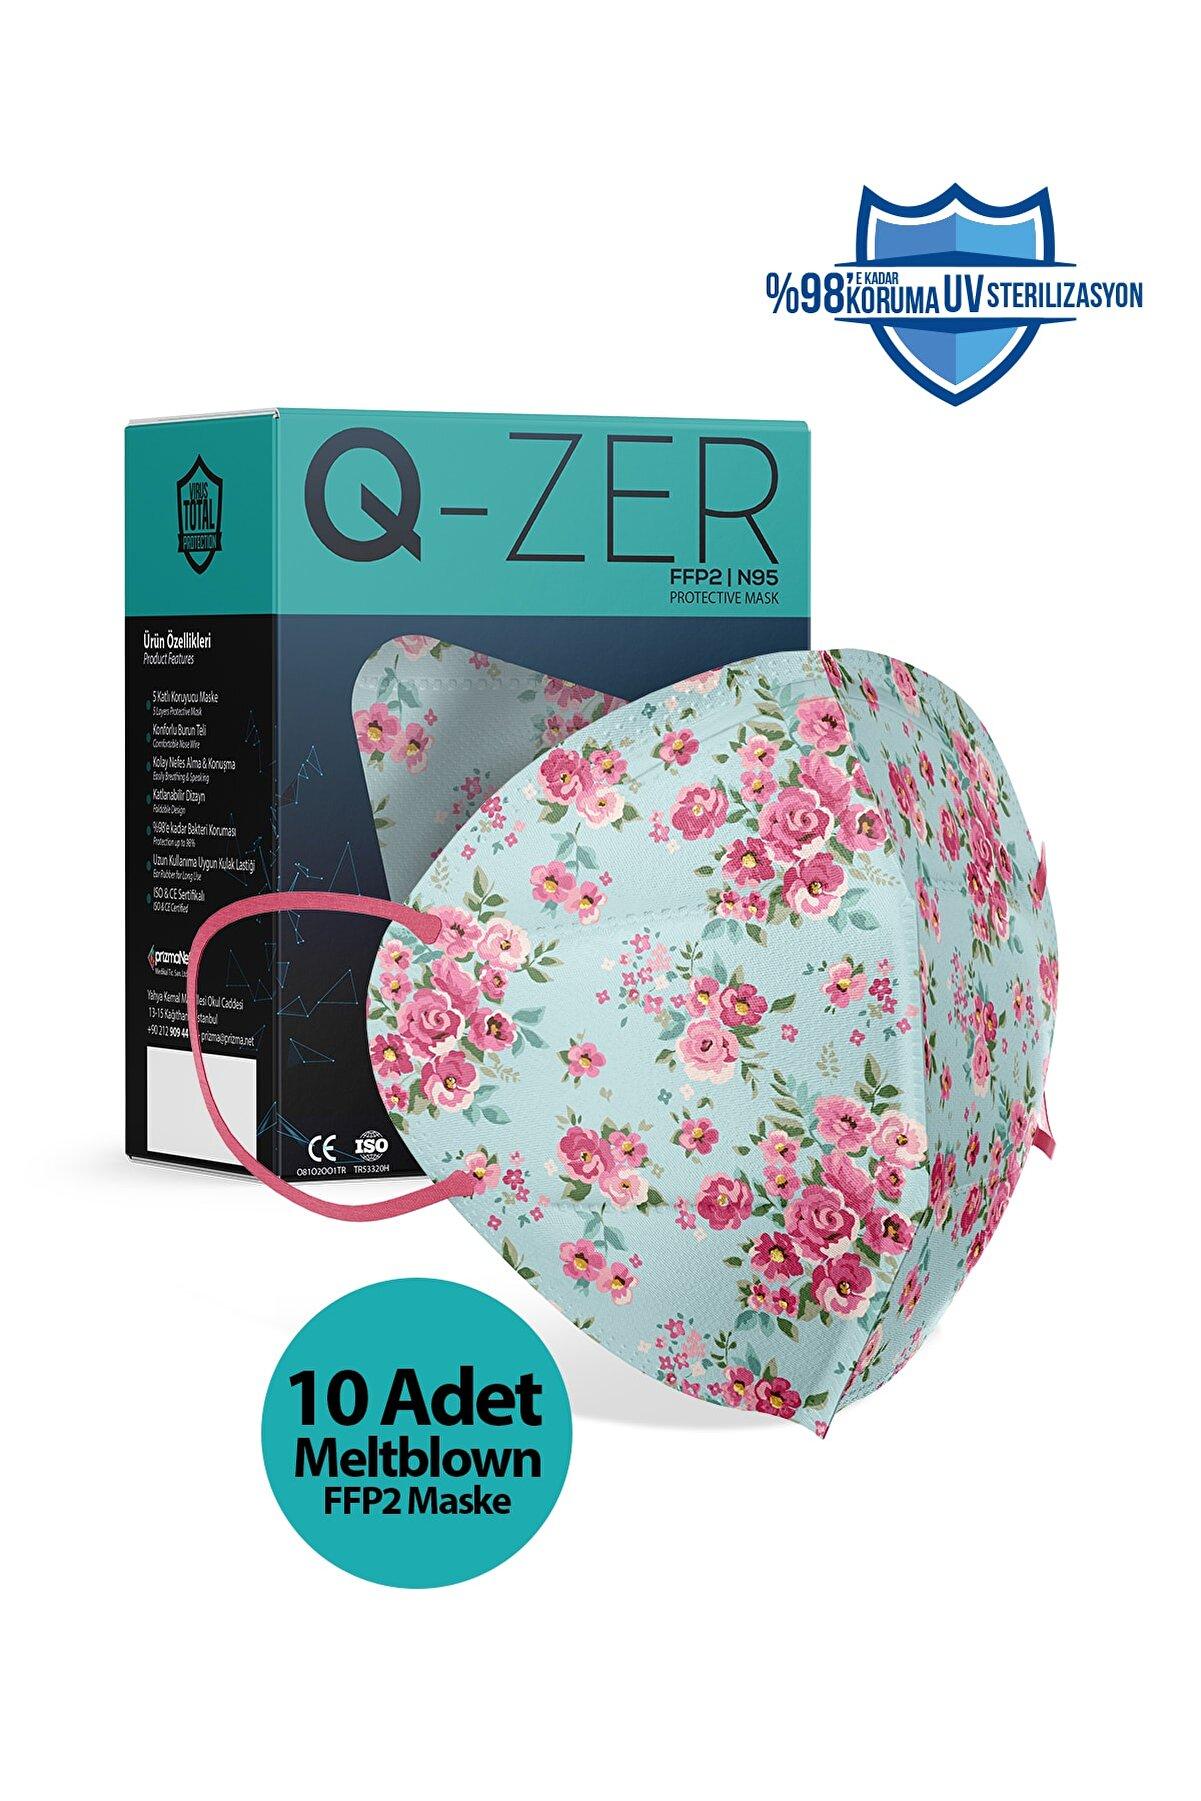 Medizer Qzer Madame Spring Desenli N95 Maske 10 Adet